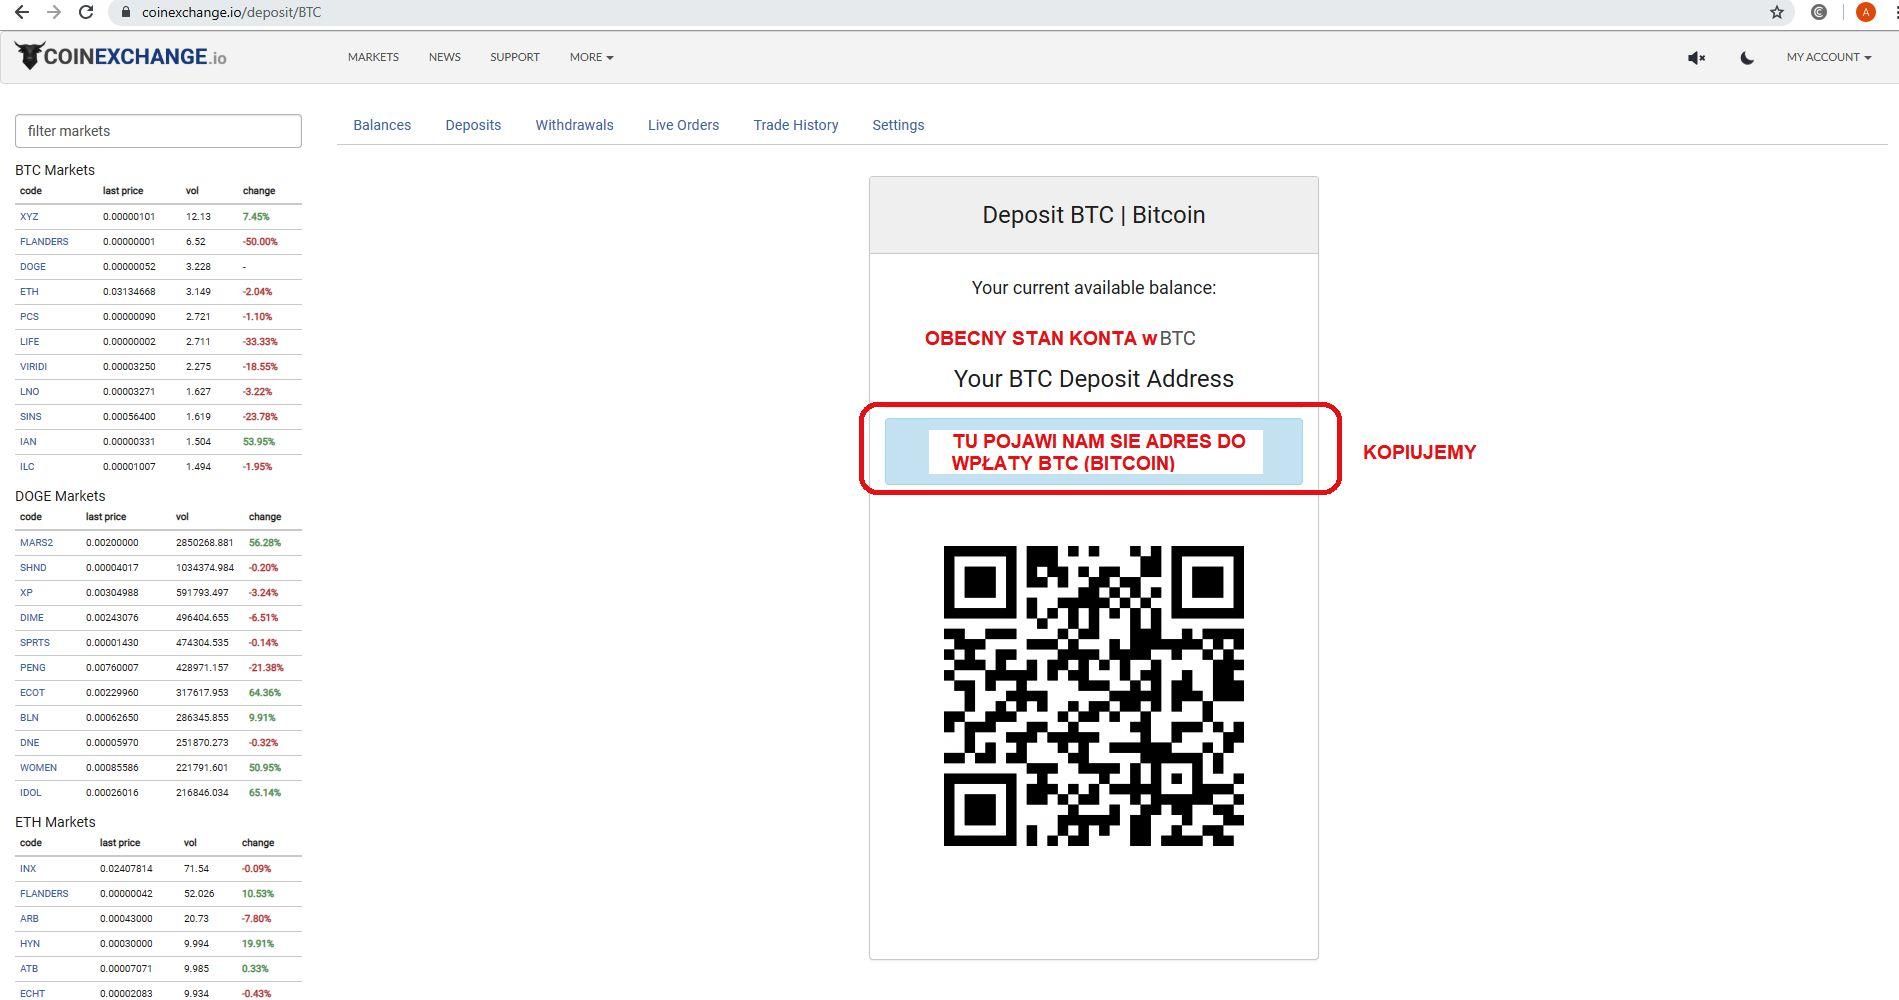 jak inwestować w kryptowaluty giełda coinexchange depozyt Bitcoin adress